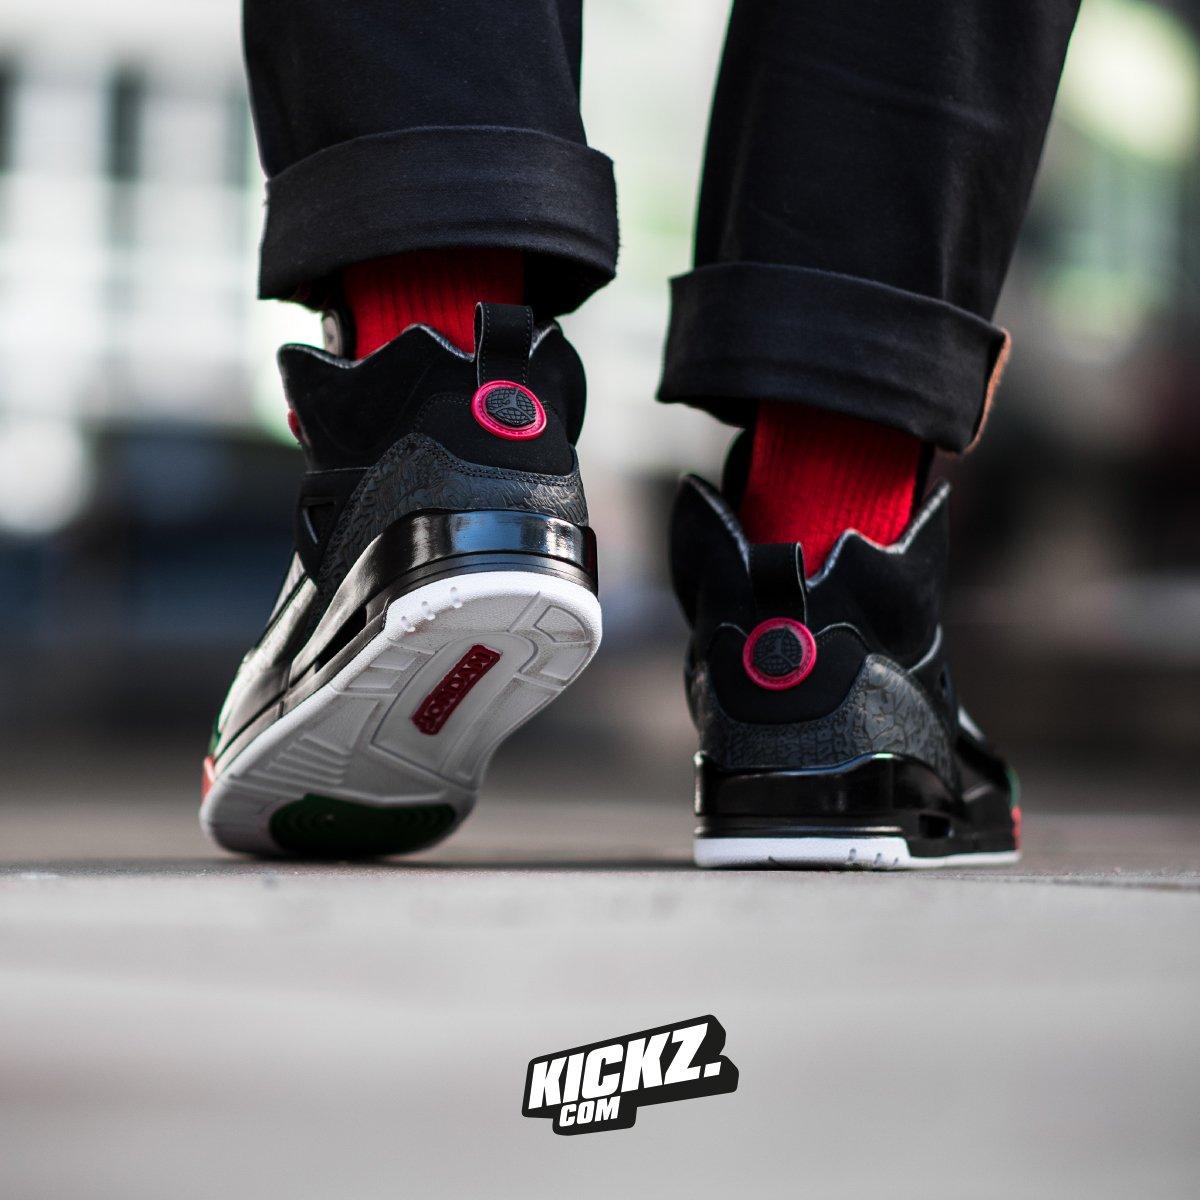 The Jordan Spizike OG in Gucci inspired